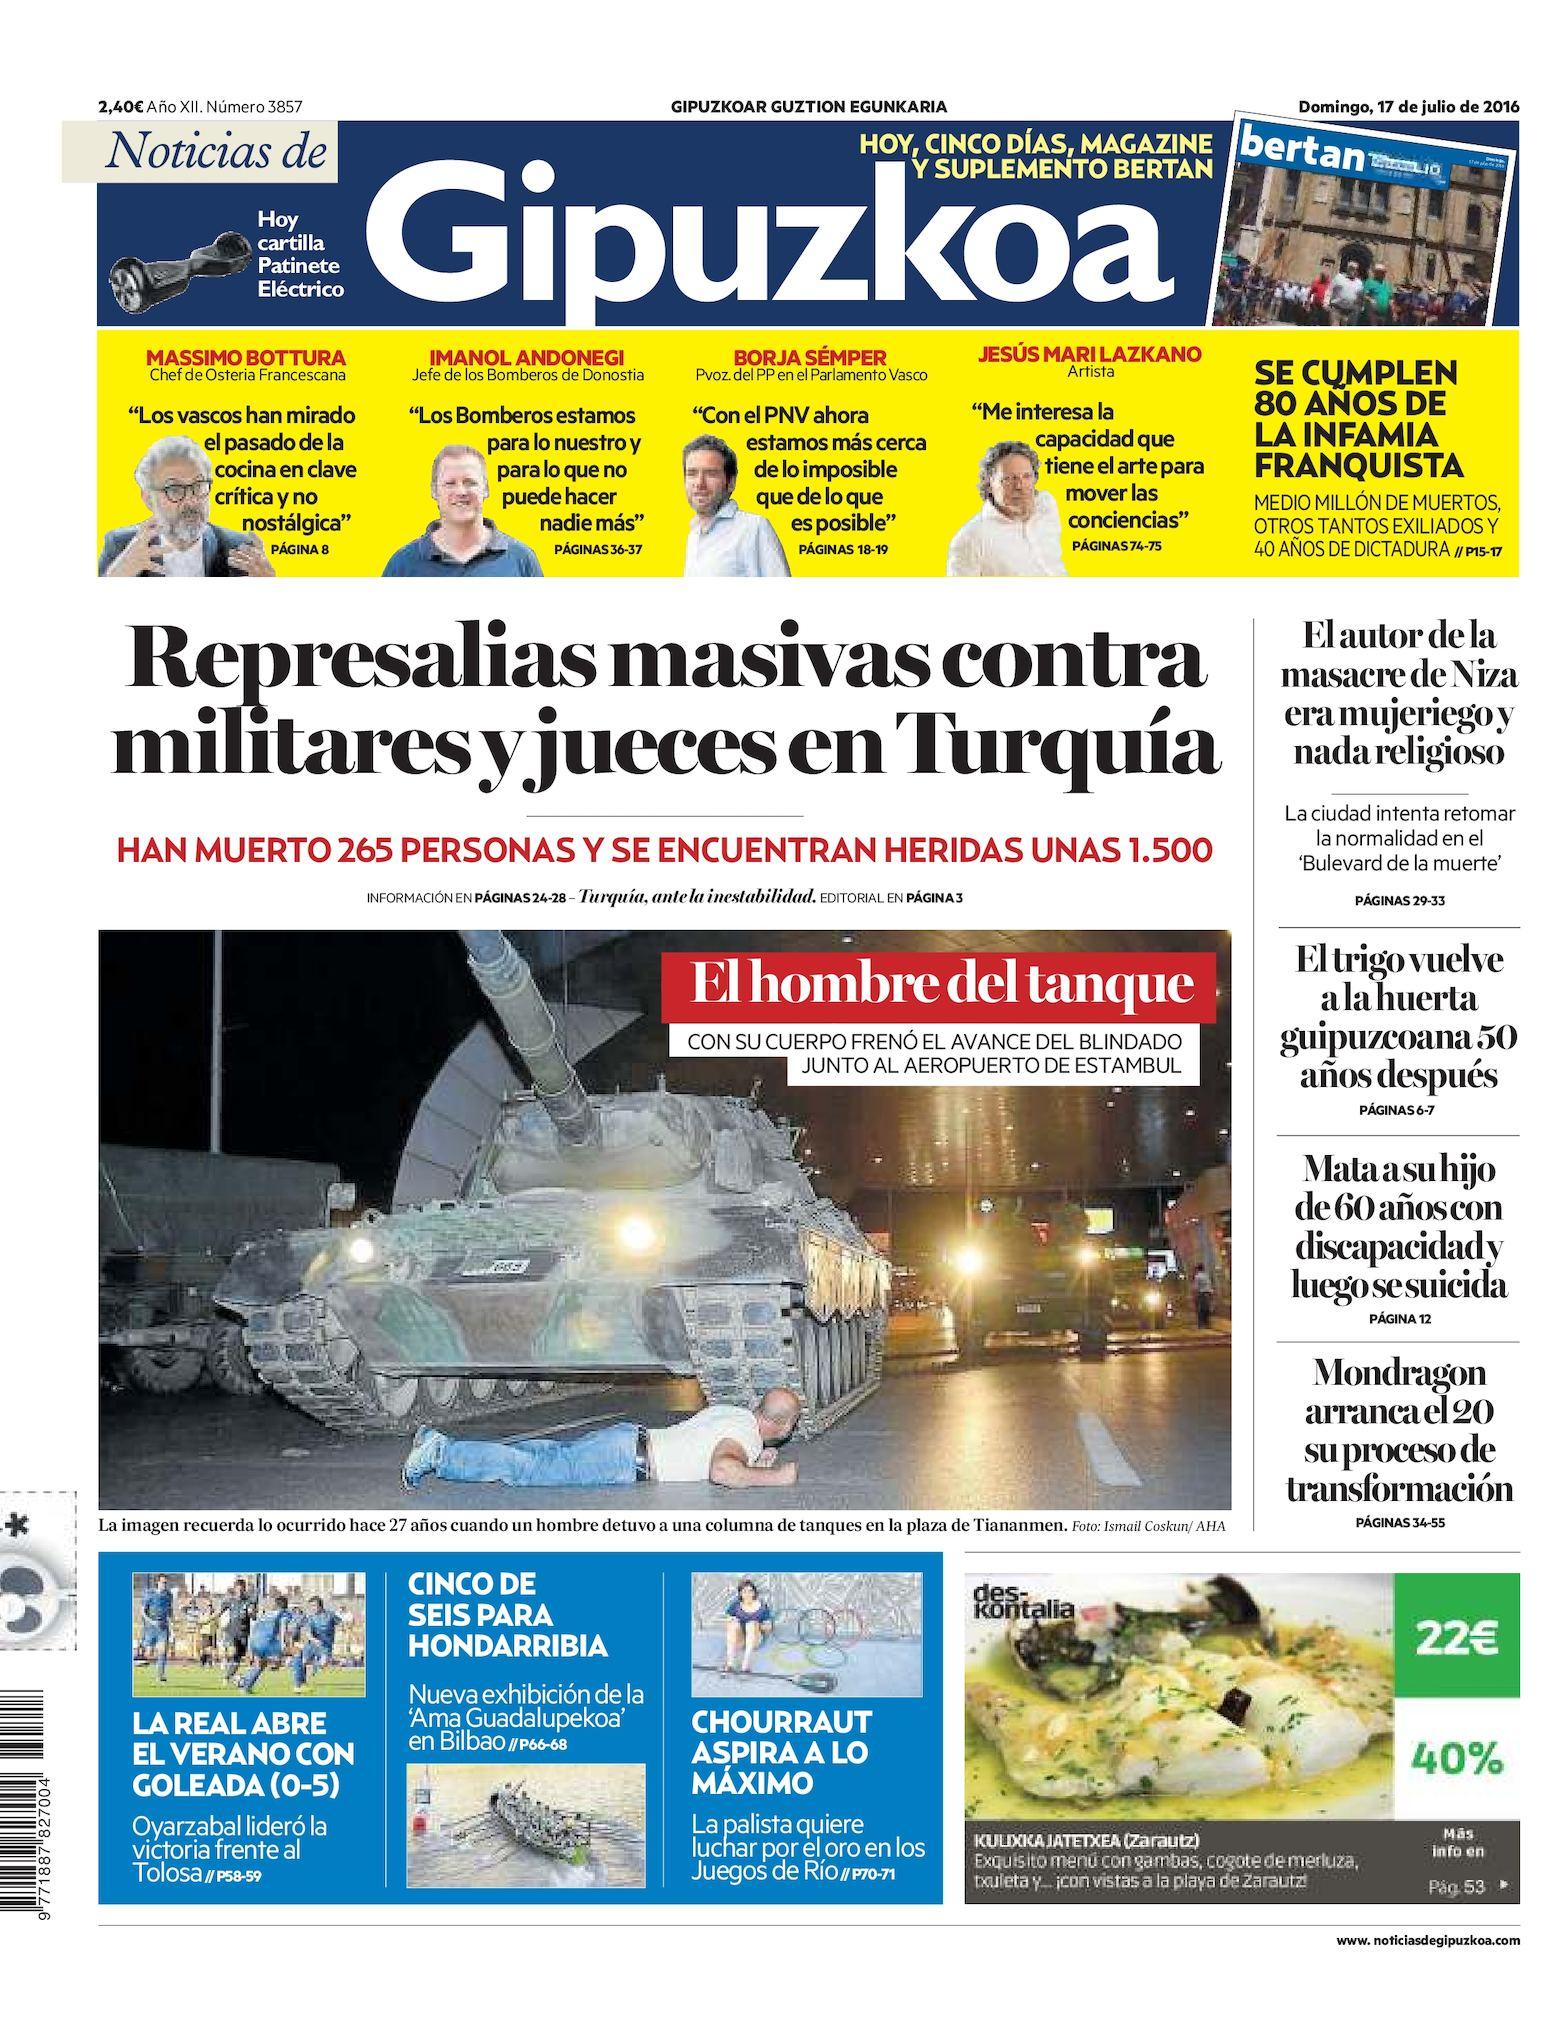 Calaméo - Noticias de Gipuzkoa 20160717